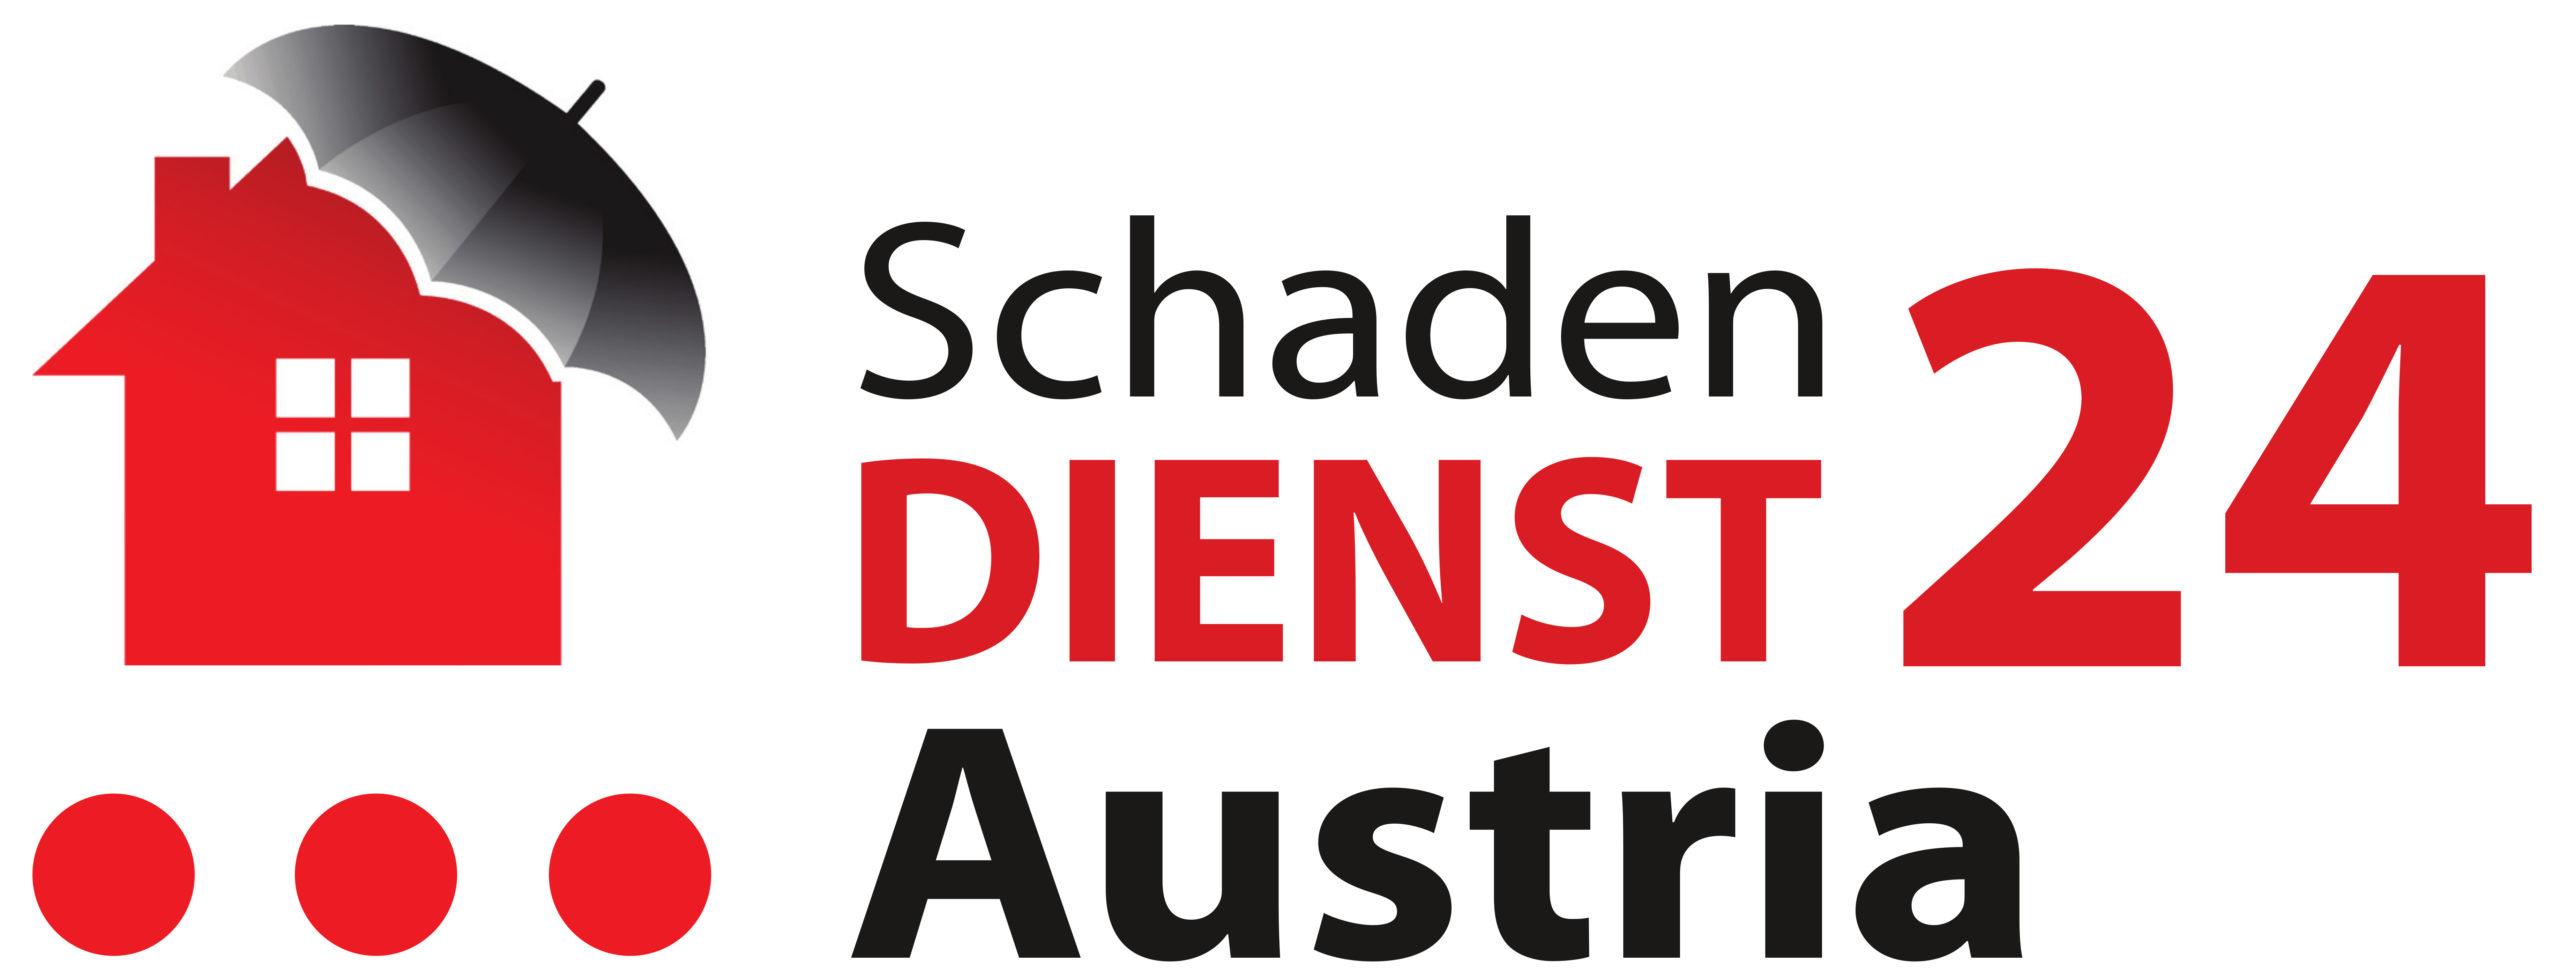 SchadenDienst24 Austria Logo